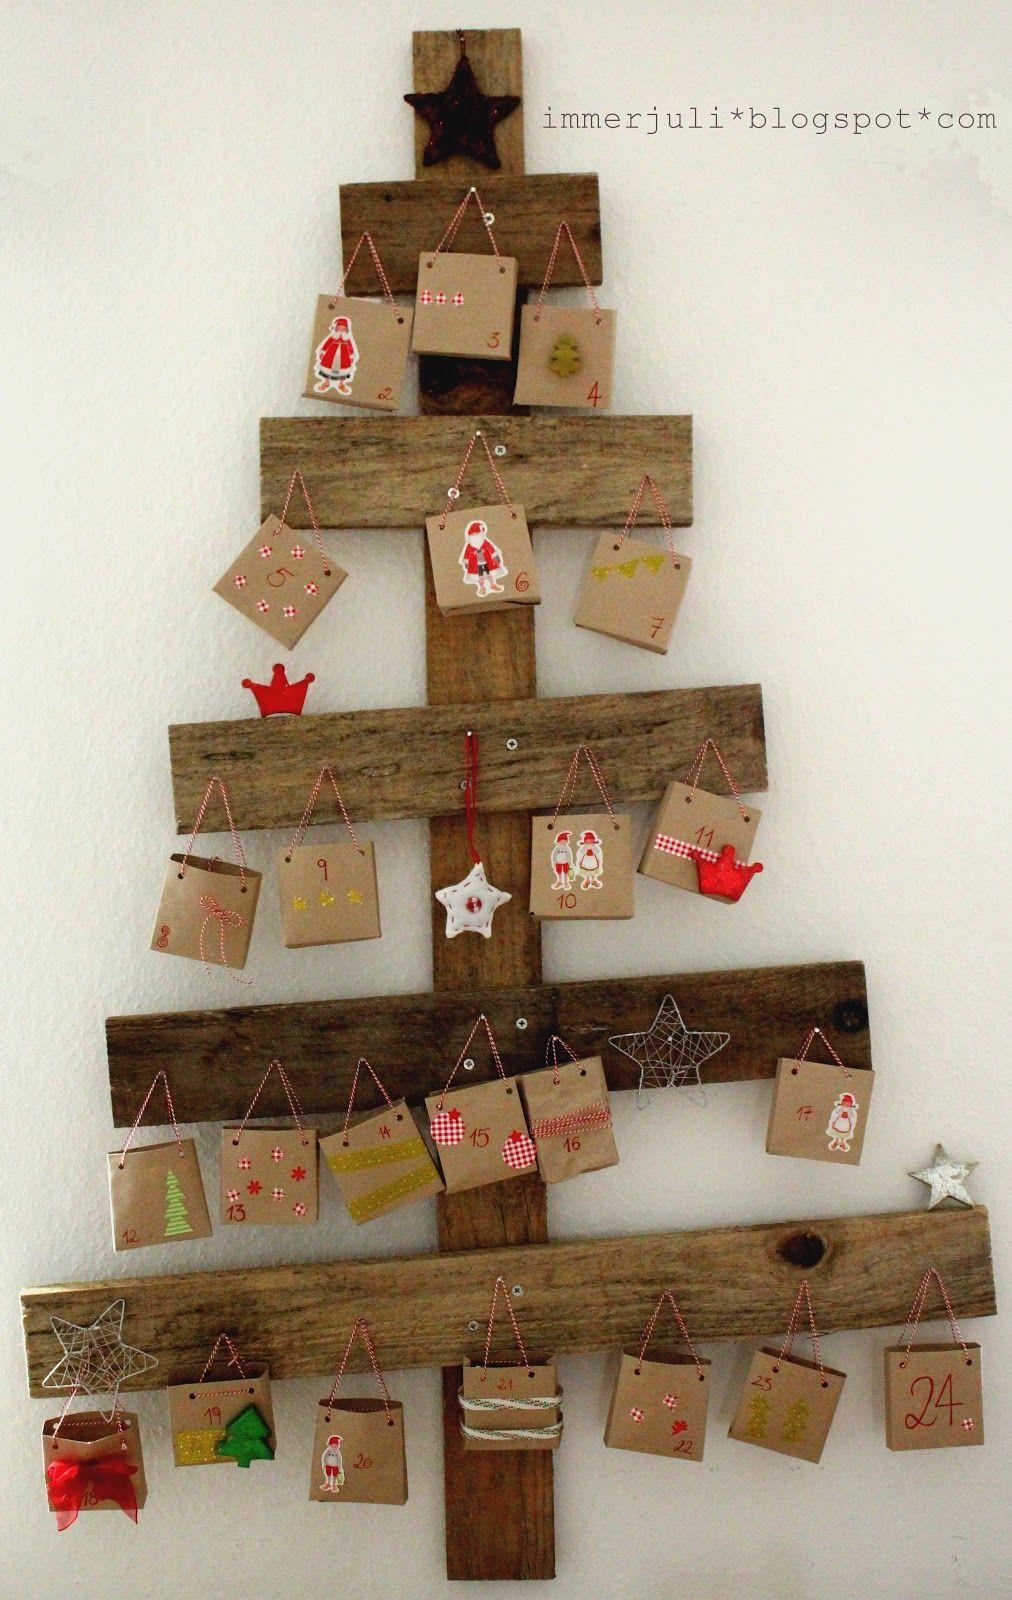 Adventskalender weihnachtszeit pinterest adventskalender adventskalender basteln und - Adventskalender pinterest ...